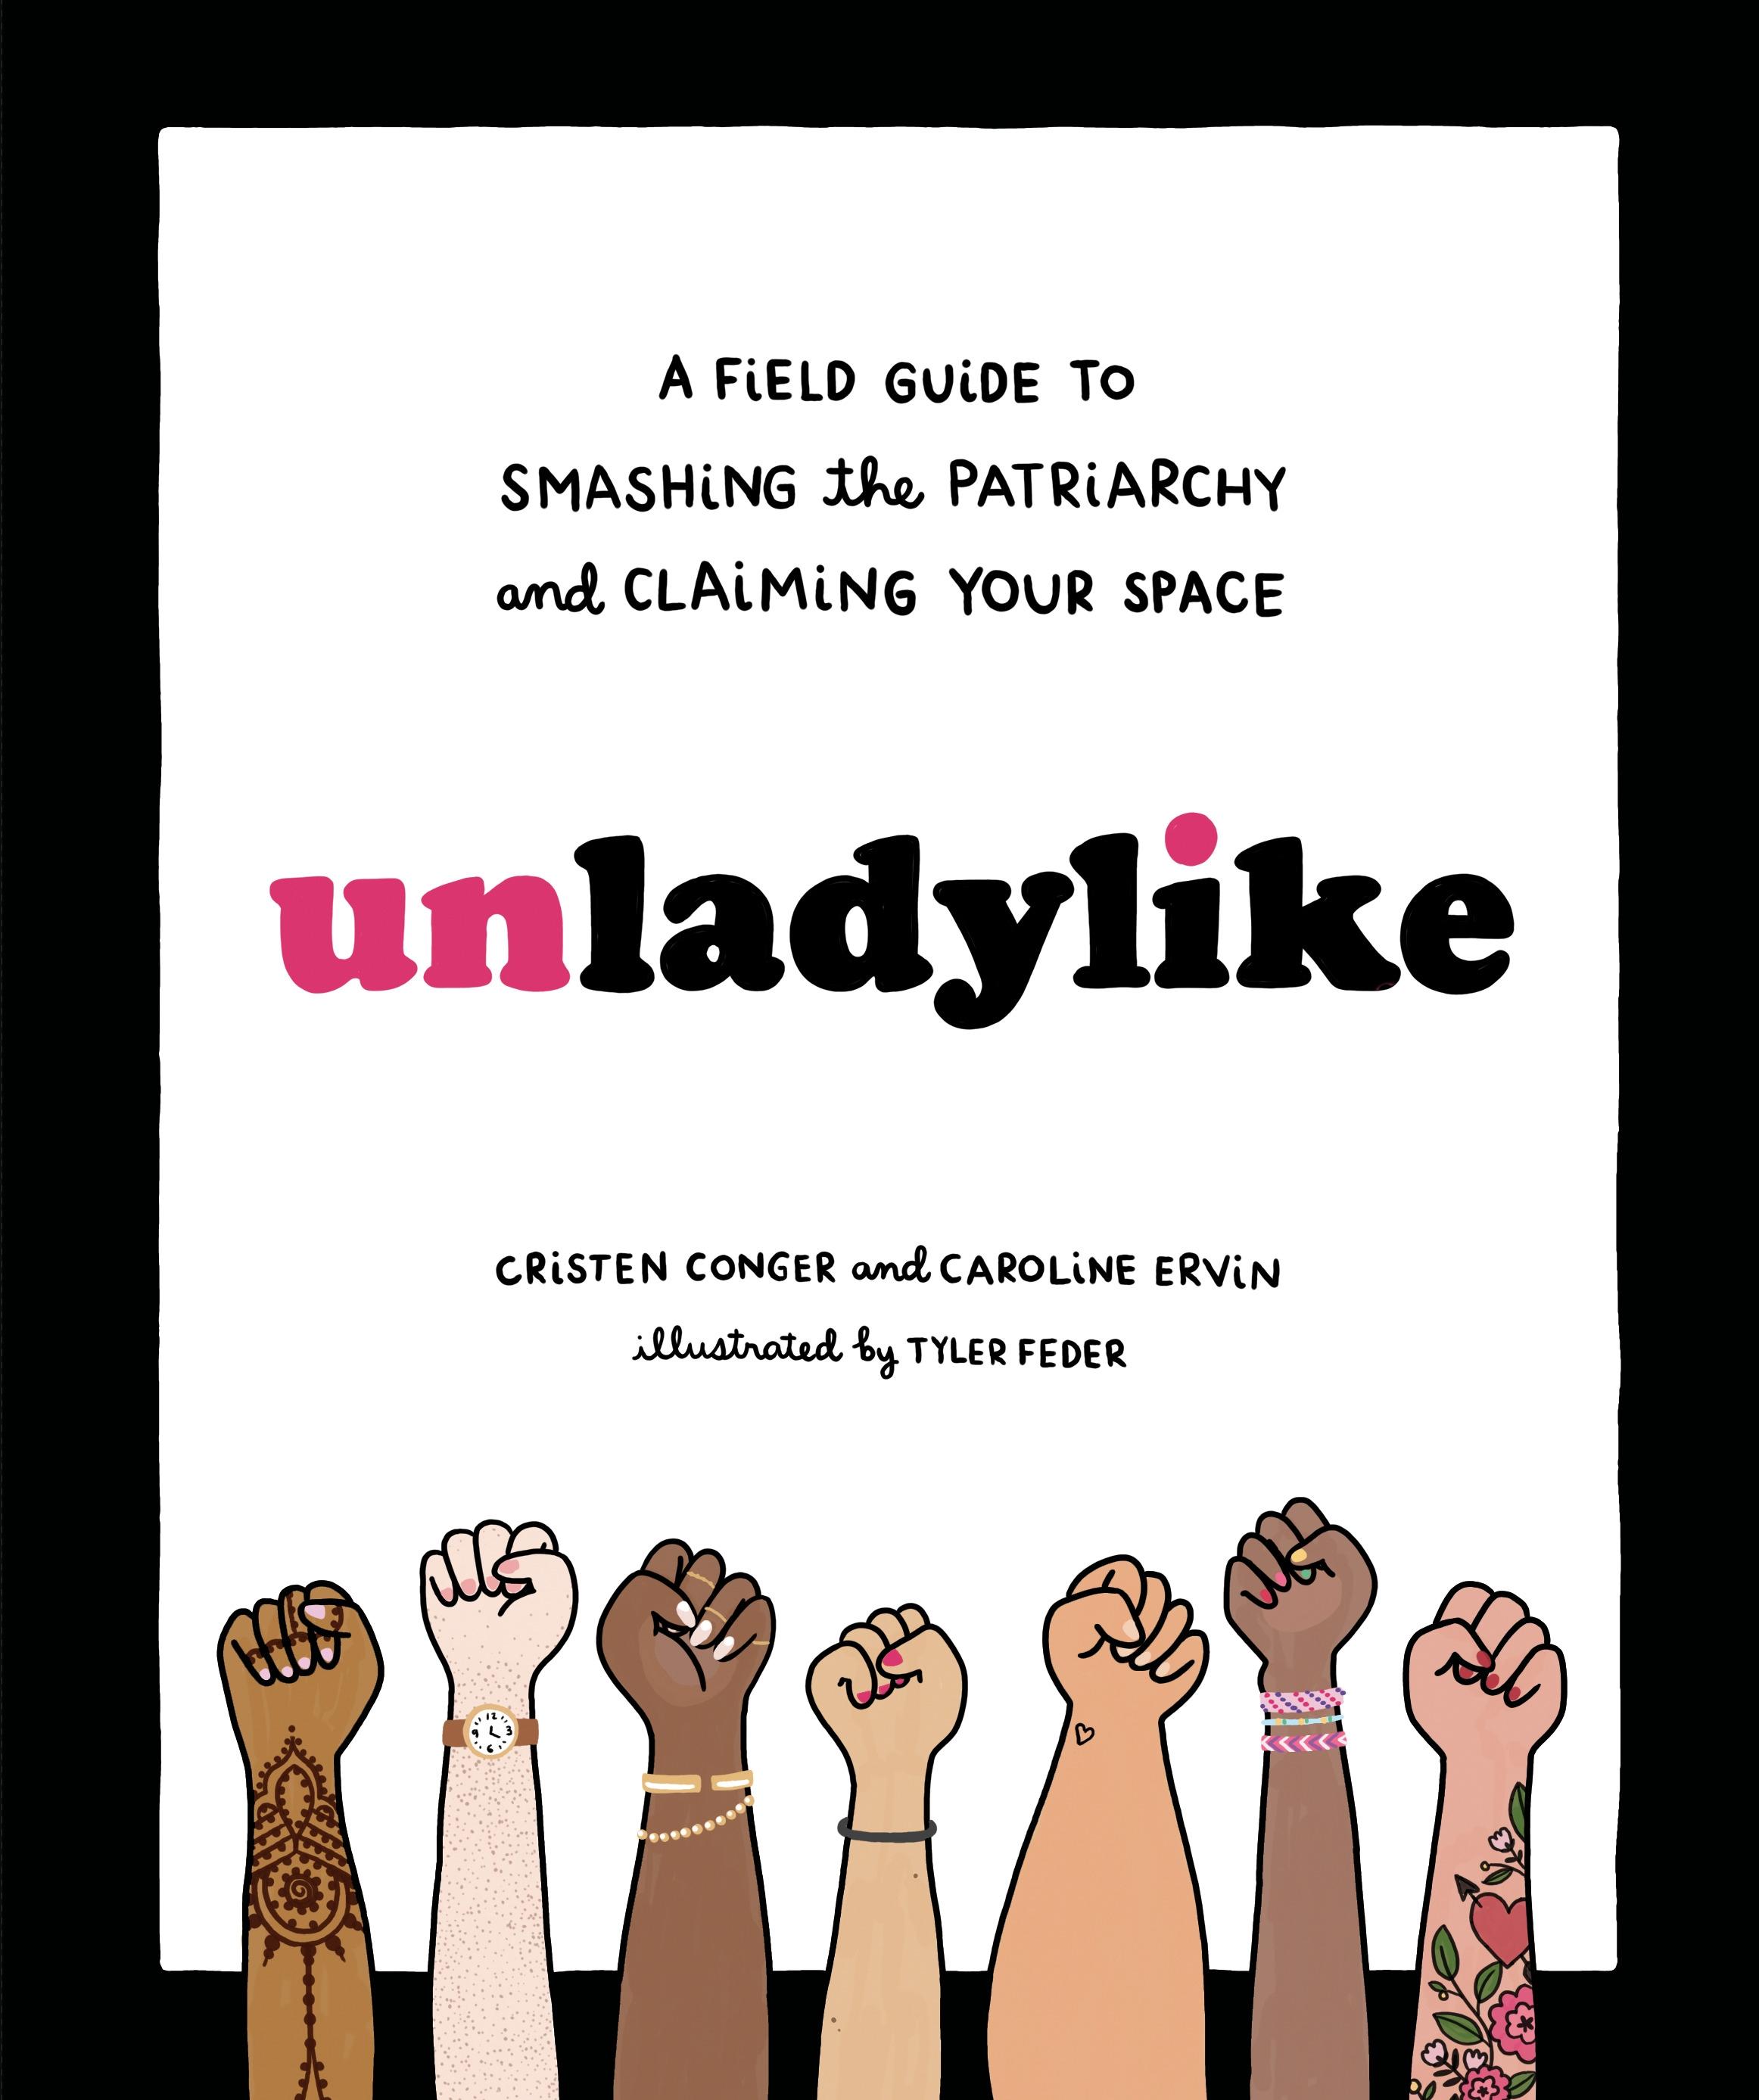 Unladylike by Cristen Conger - Penguin Books Australia